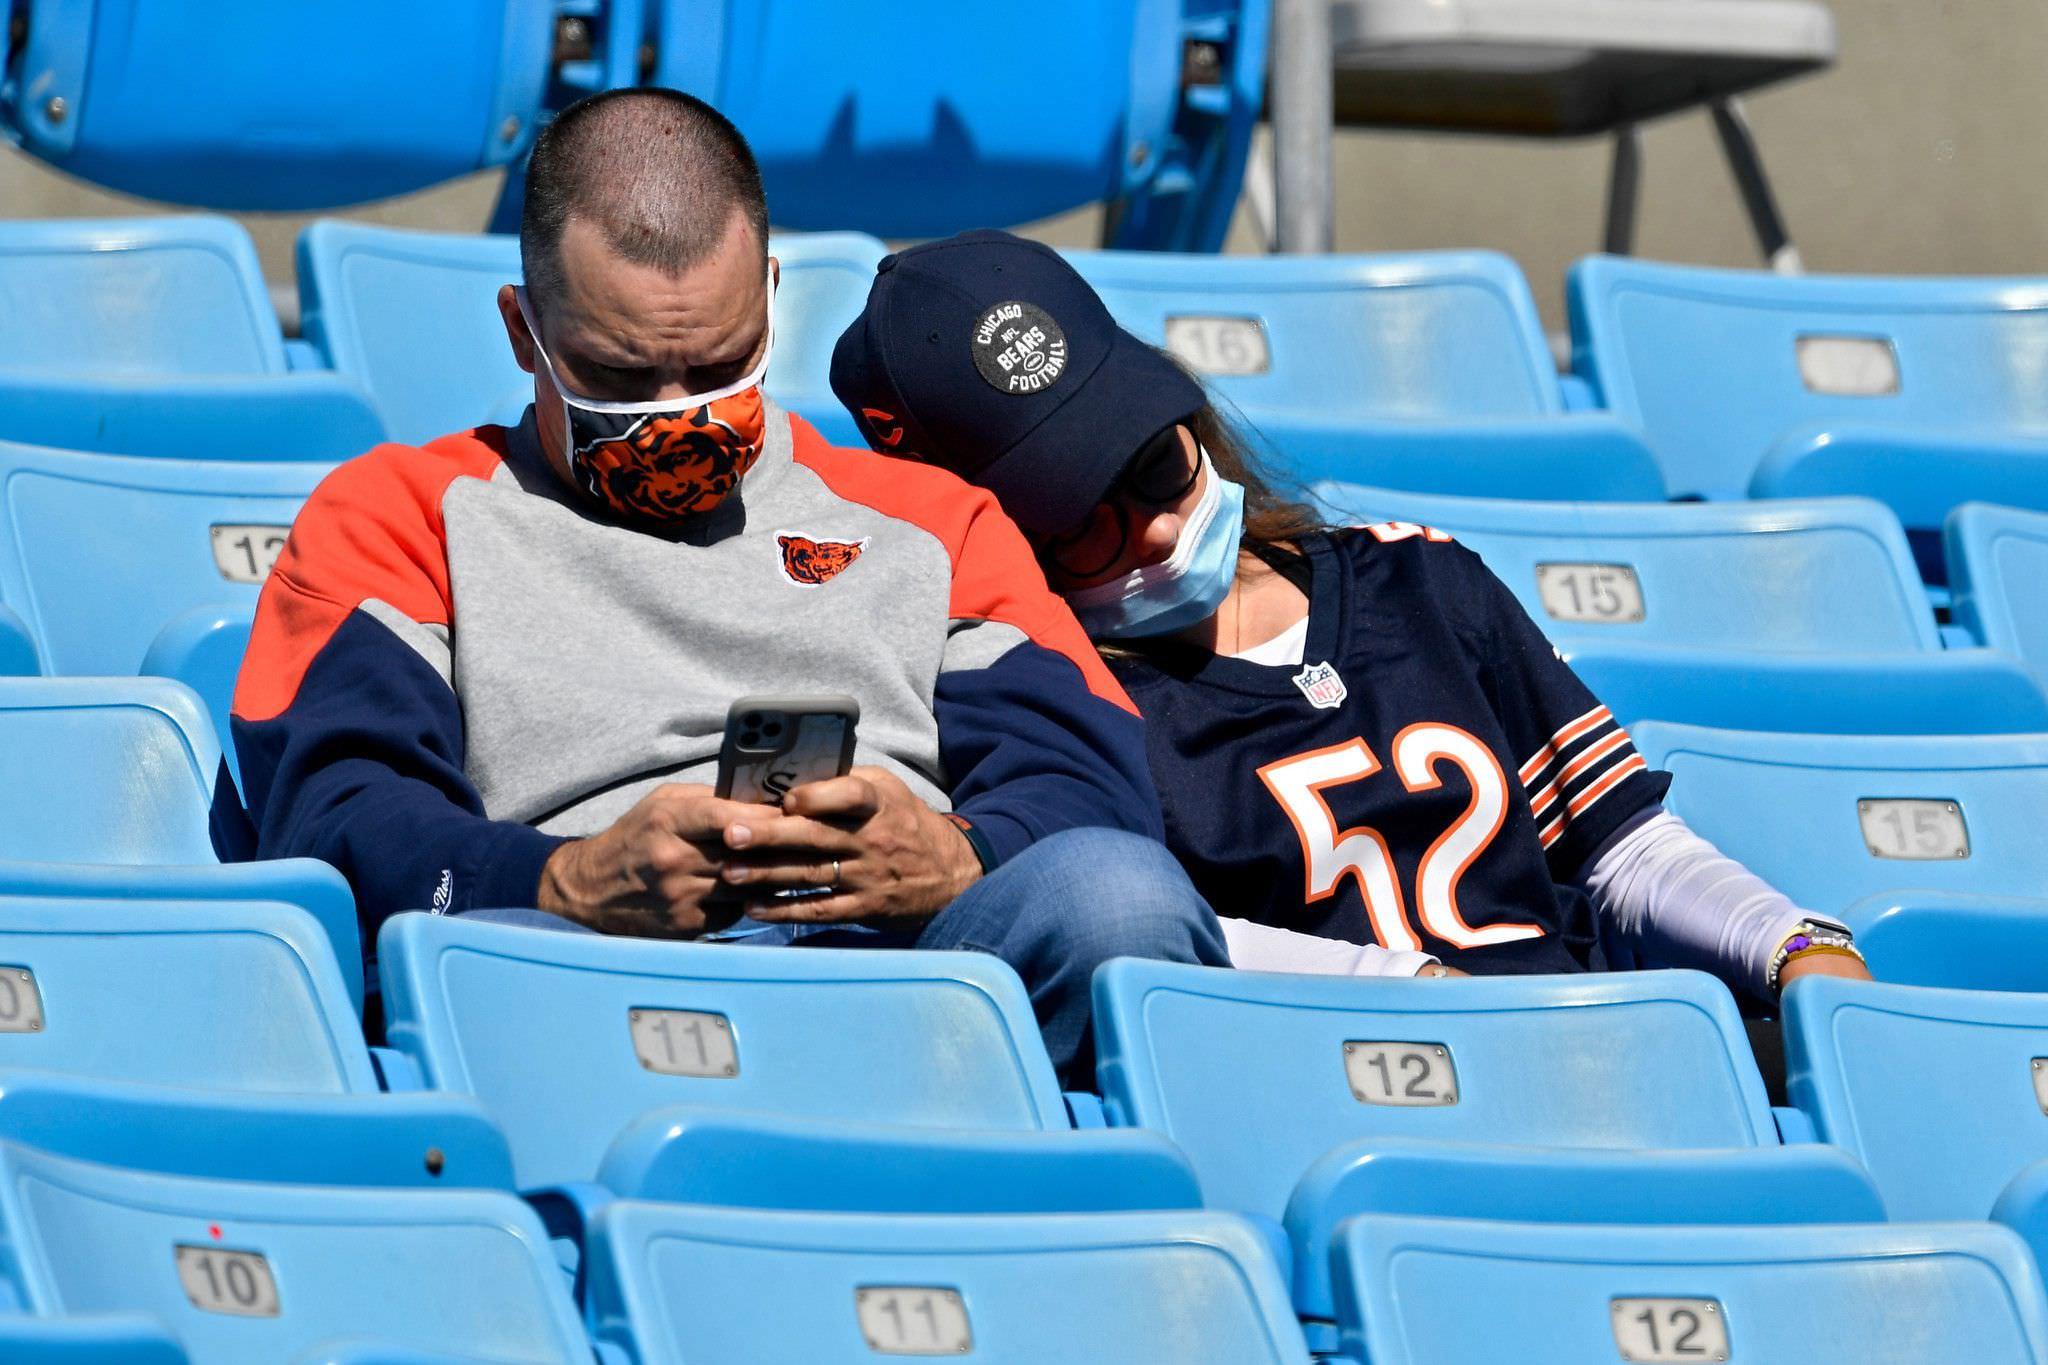 O caminho para o 5-1 nunca é fácil na NFL.  Então, por que Chicago está tão ansioso e cético sobre o início impressionante dos Bears?